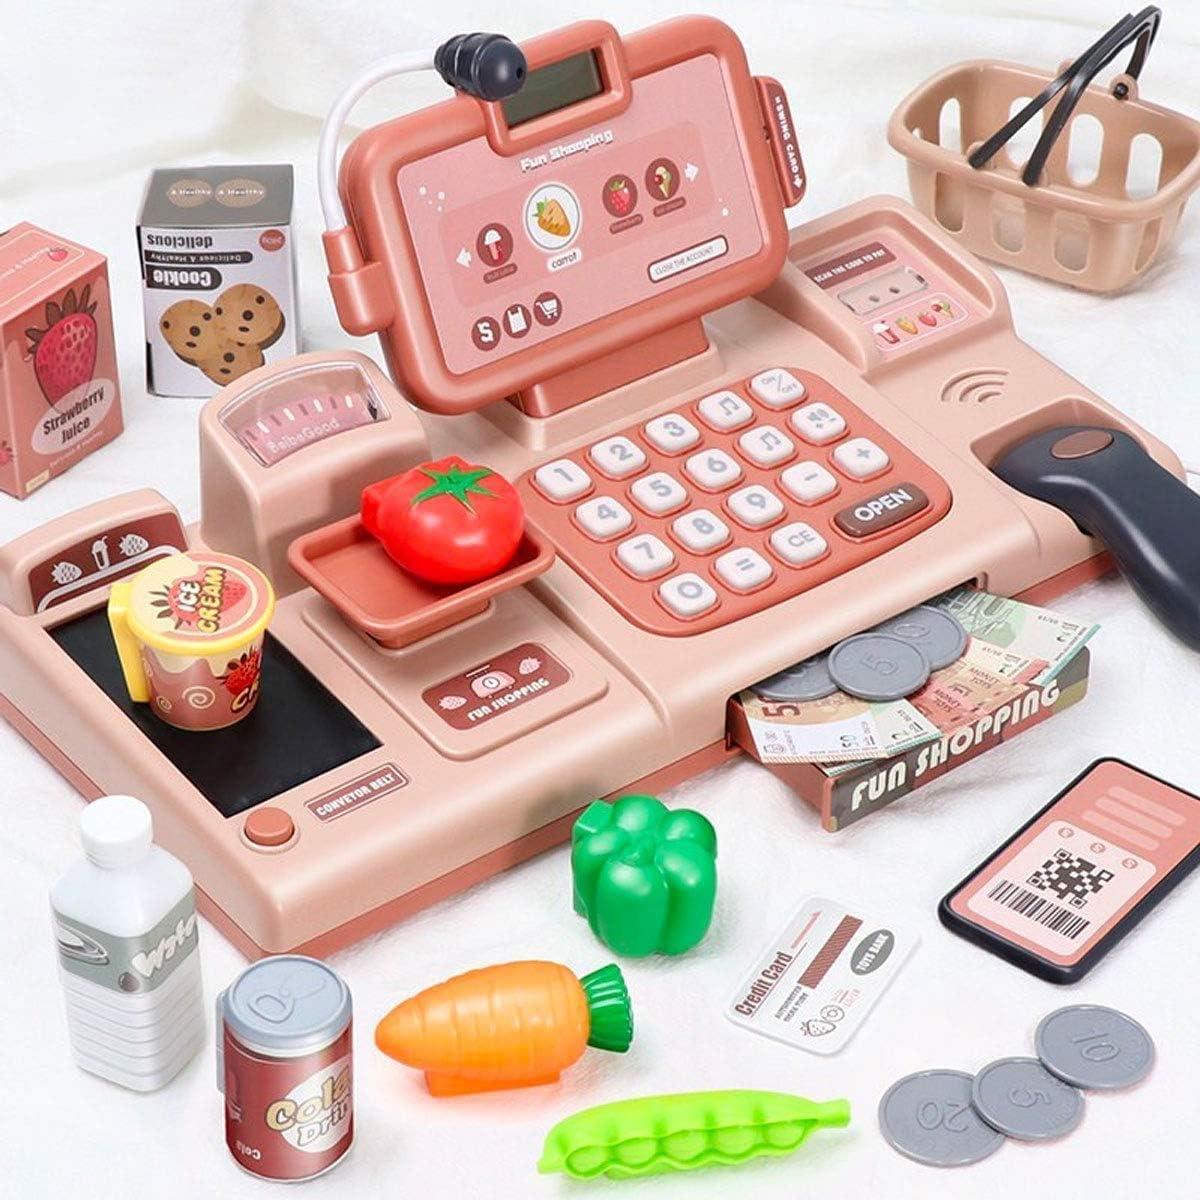 BeebeeRun 25 Piezas Caja Registradora Juguetes Supermercado,Caja Registradora Juguetes Supermercado Compras Electrónica Educativos para Niños Niñas (Rosado)